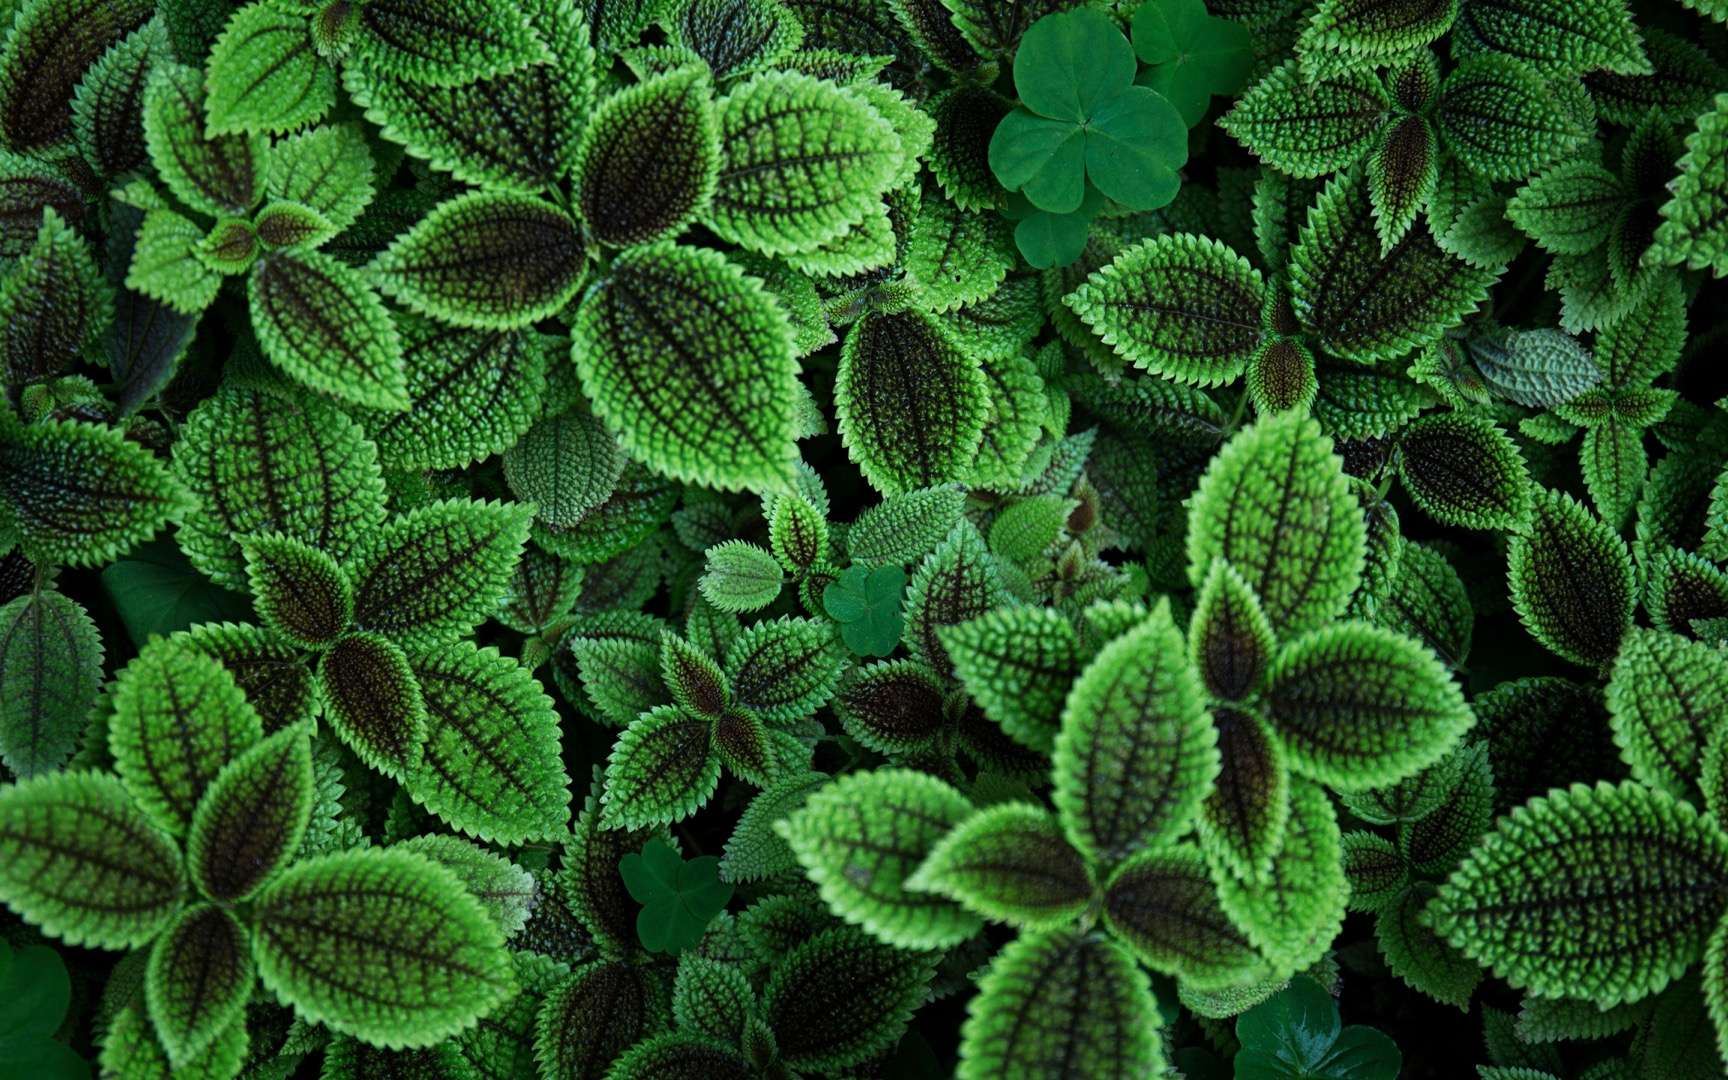 Quels effets la pollution a-t-elle sur les plantes ? © Shehryar, Adobe Stock